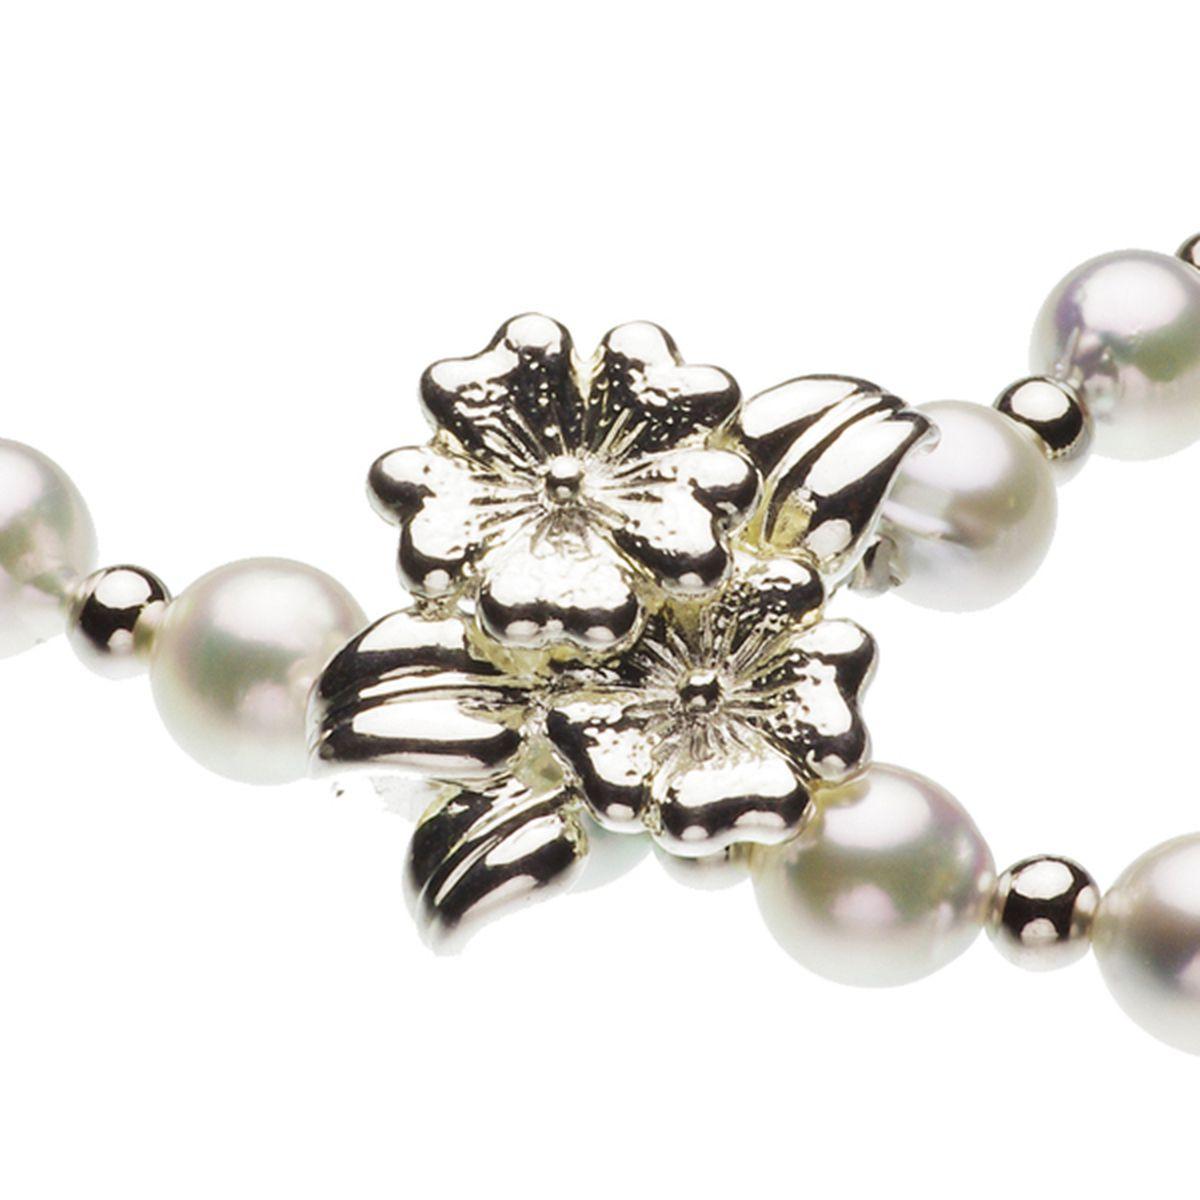 アコヤ真珠オリジナルデザインネックレス 約7.5mmの写真